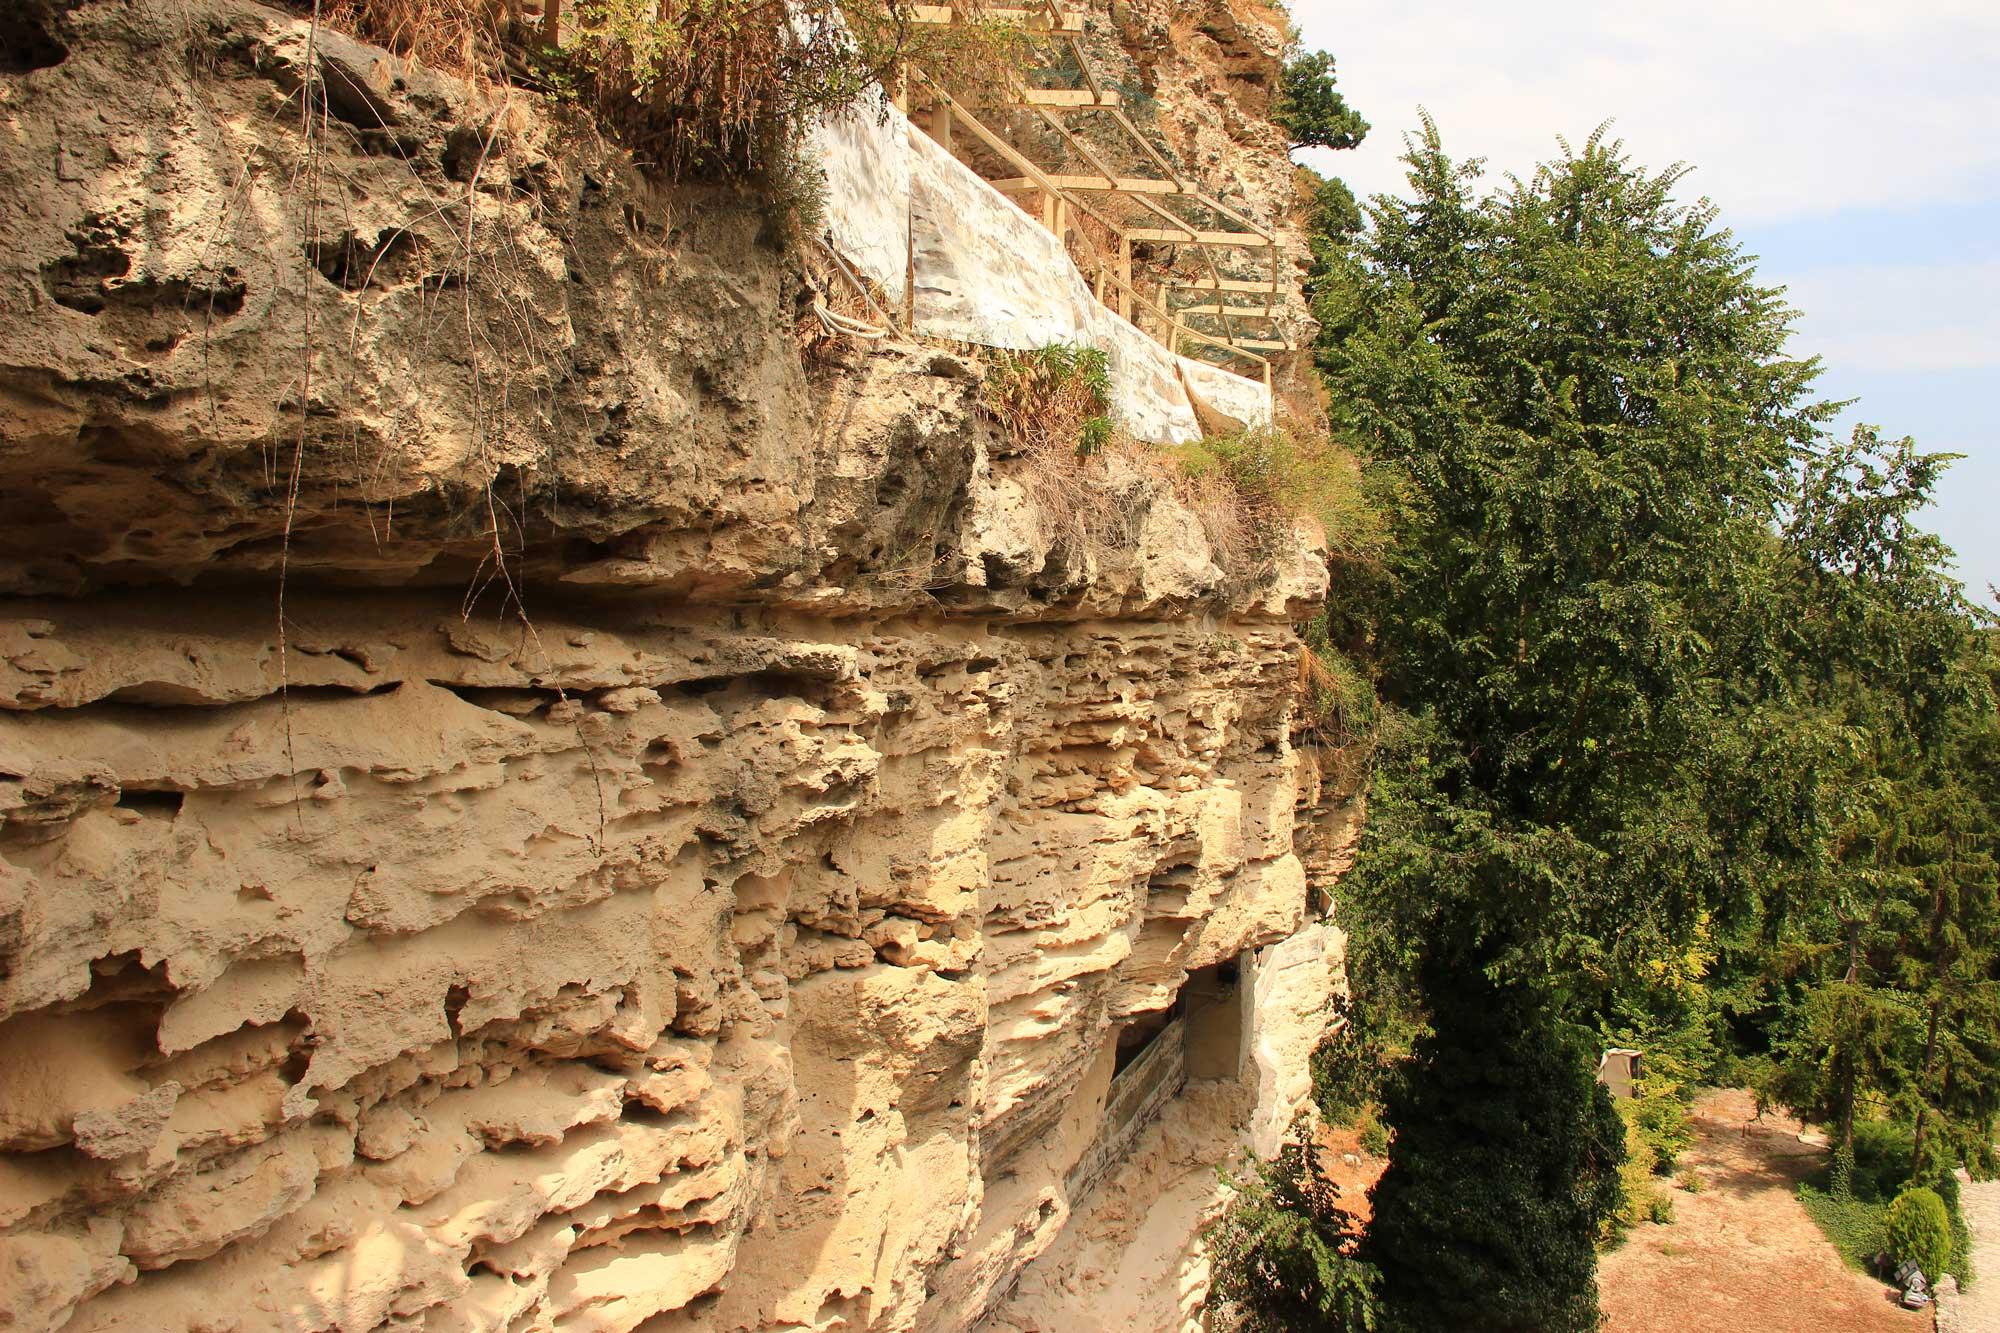 вид на скальный монастырь сбоку не восхищает